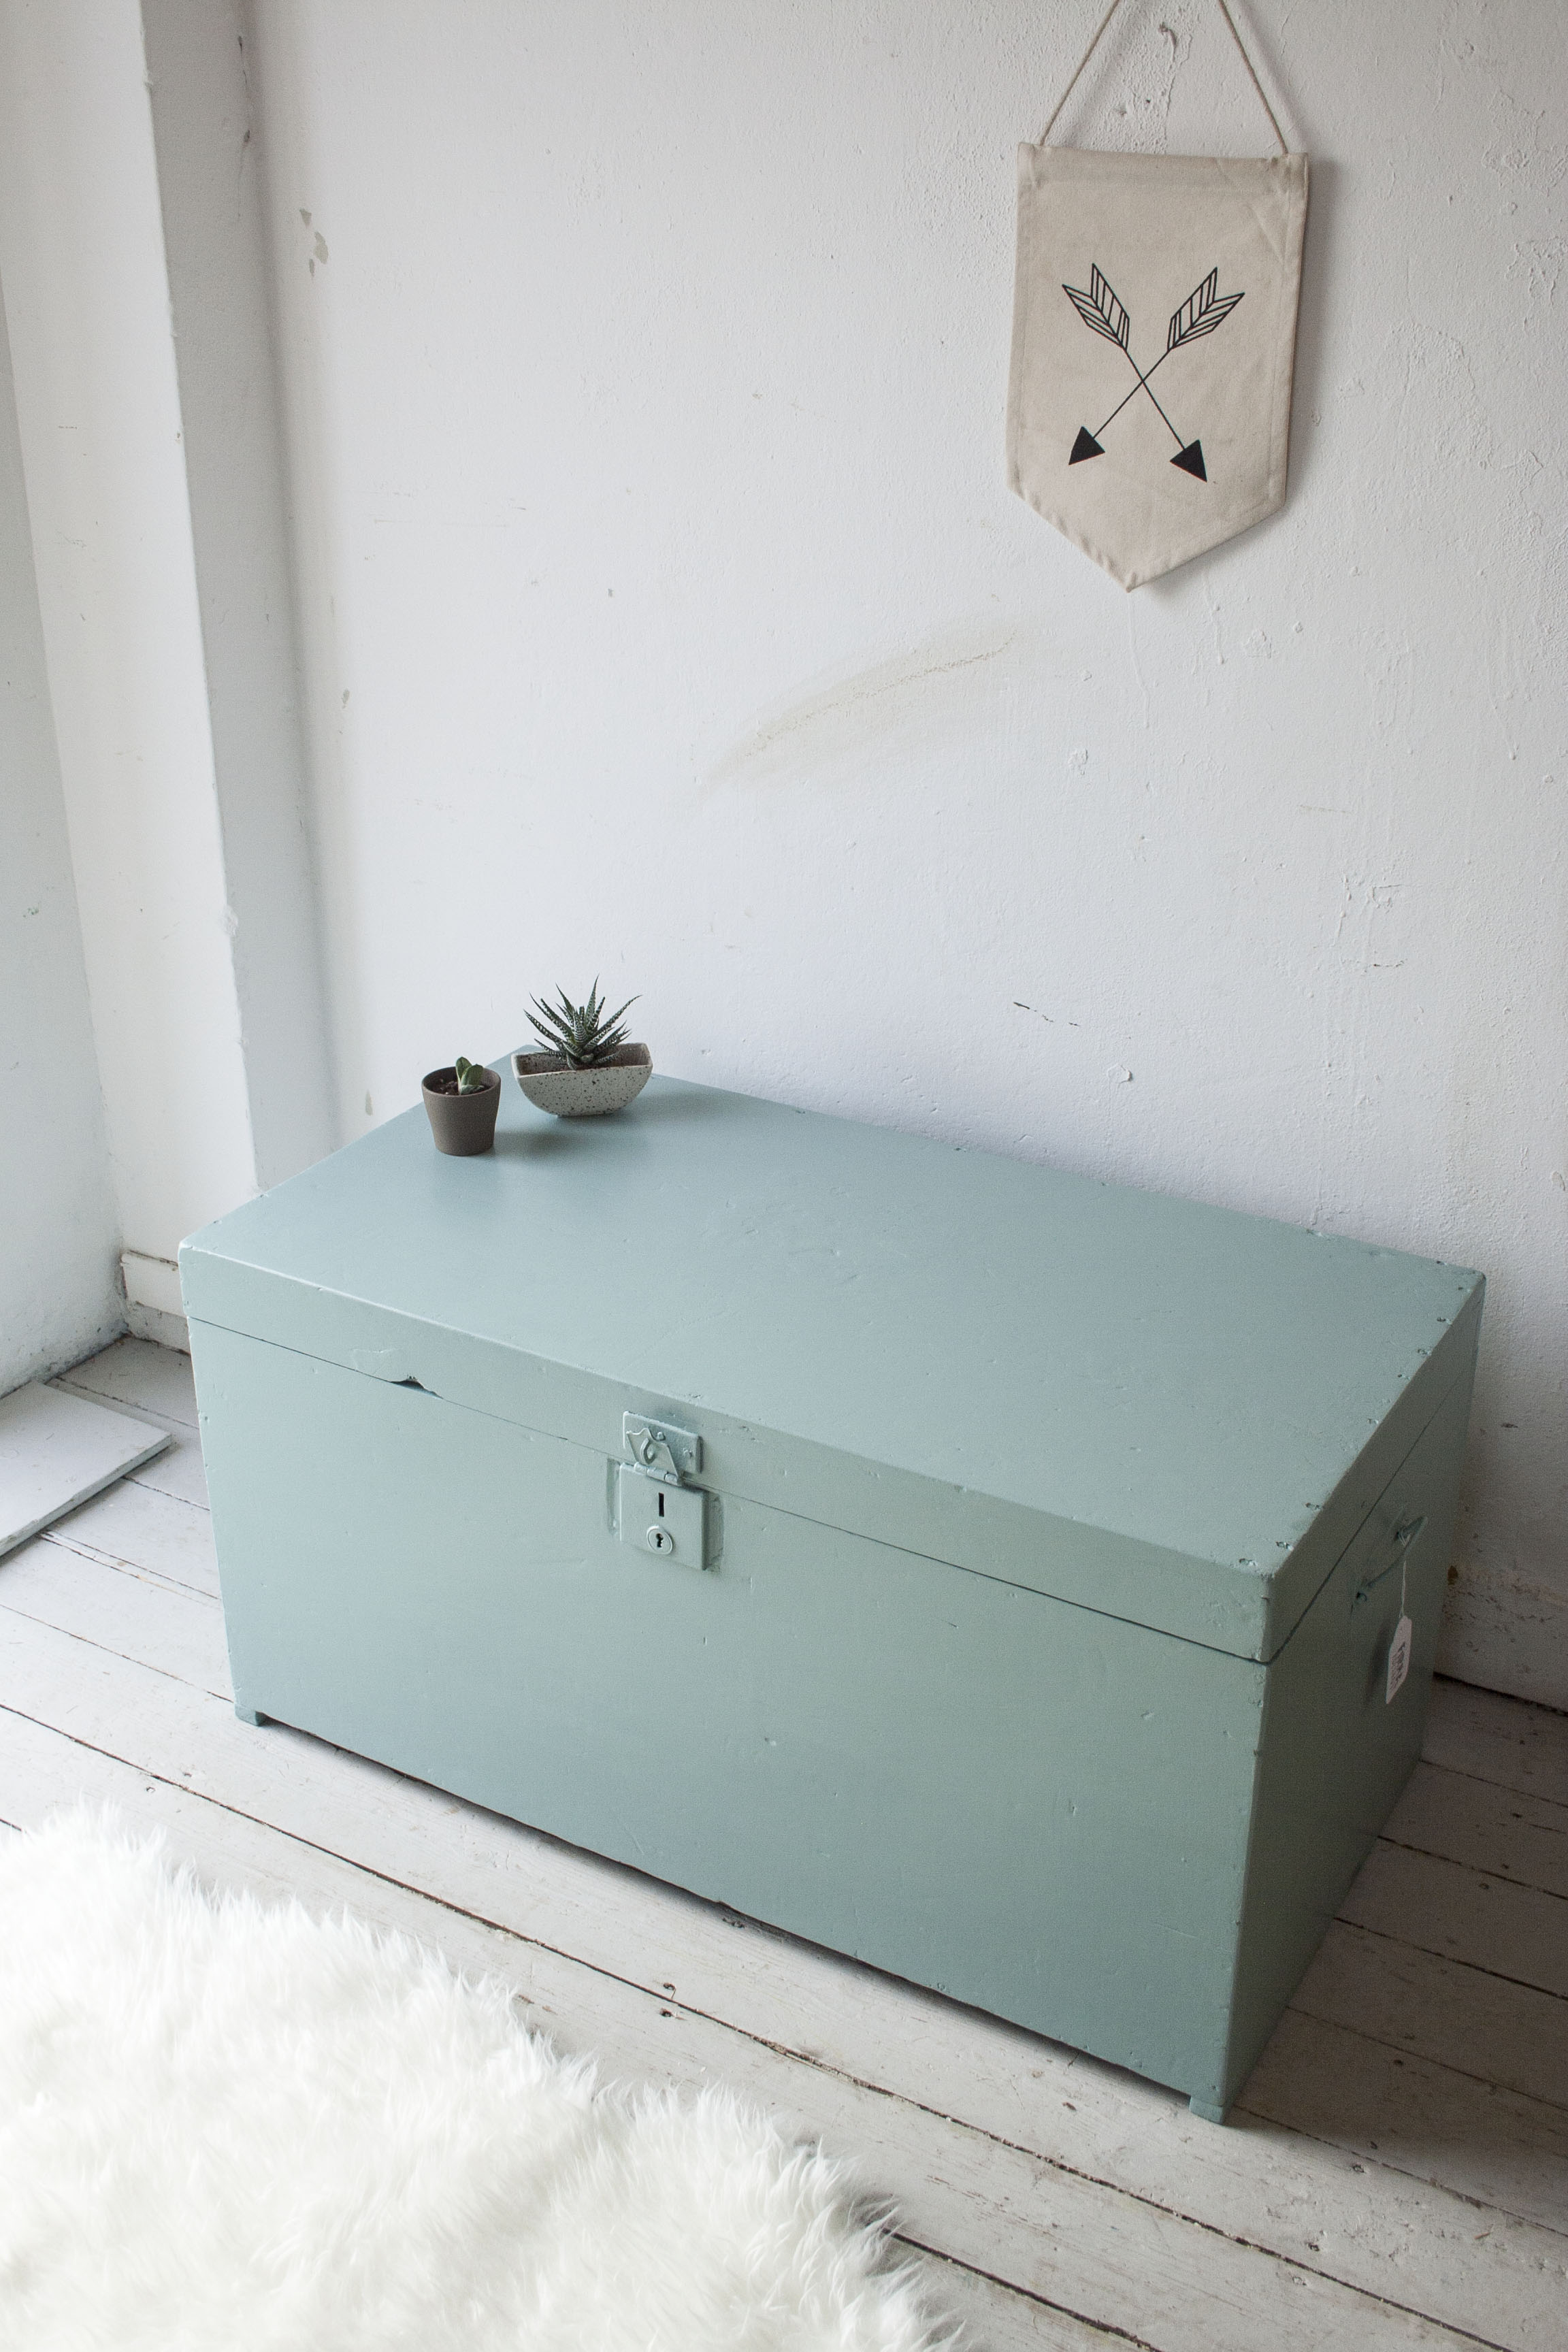 Vintage blauwgroene kist - Firma Zoethout.jpg